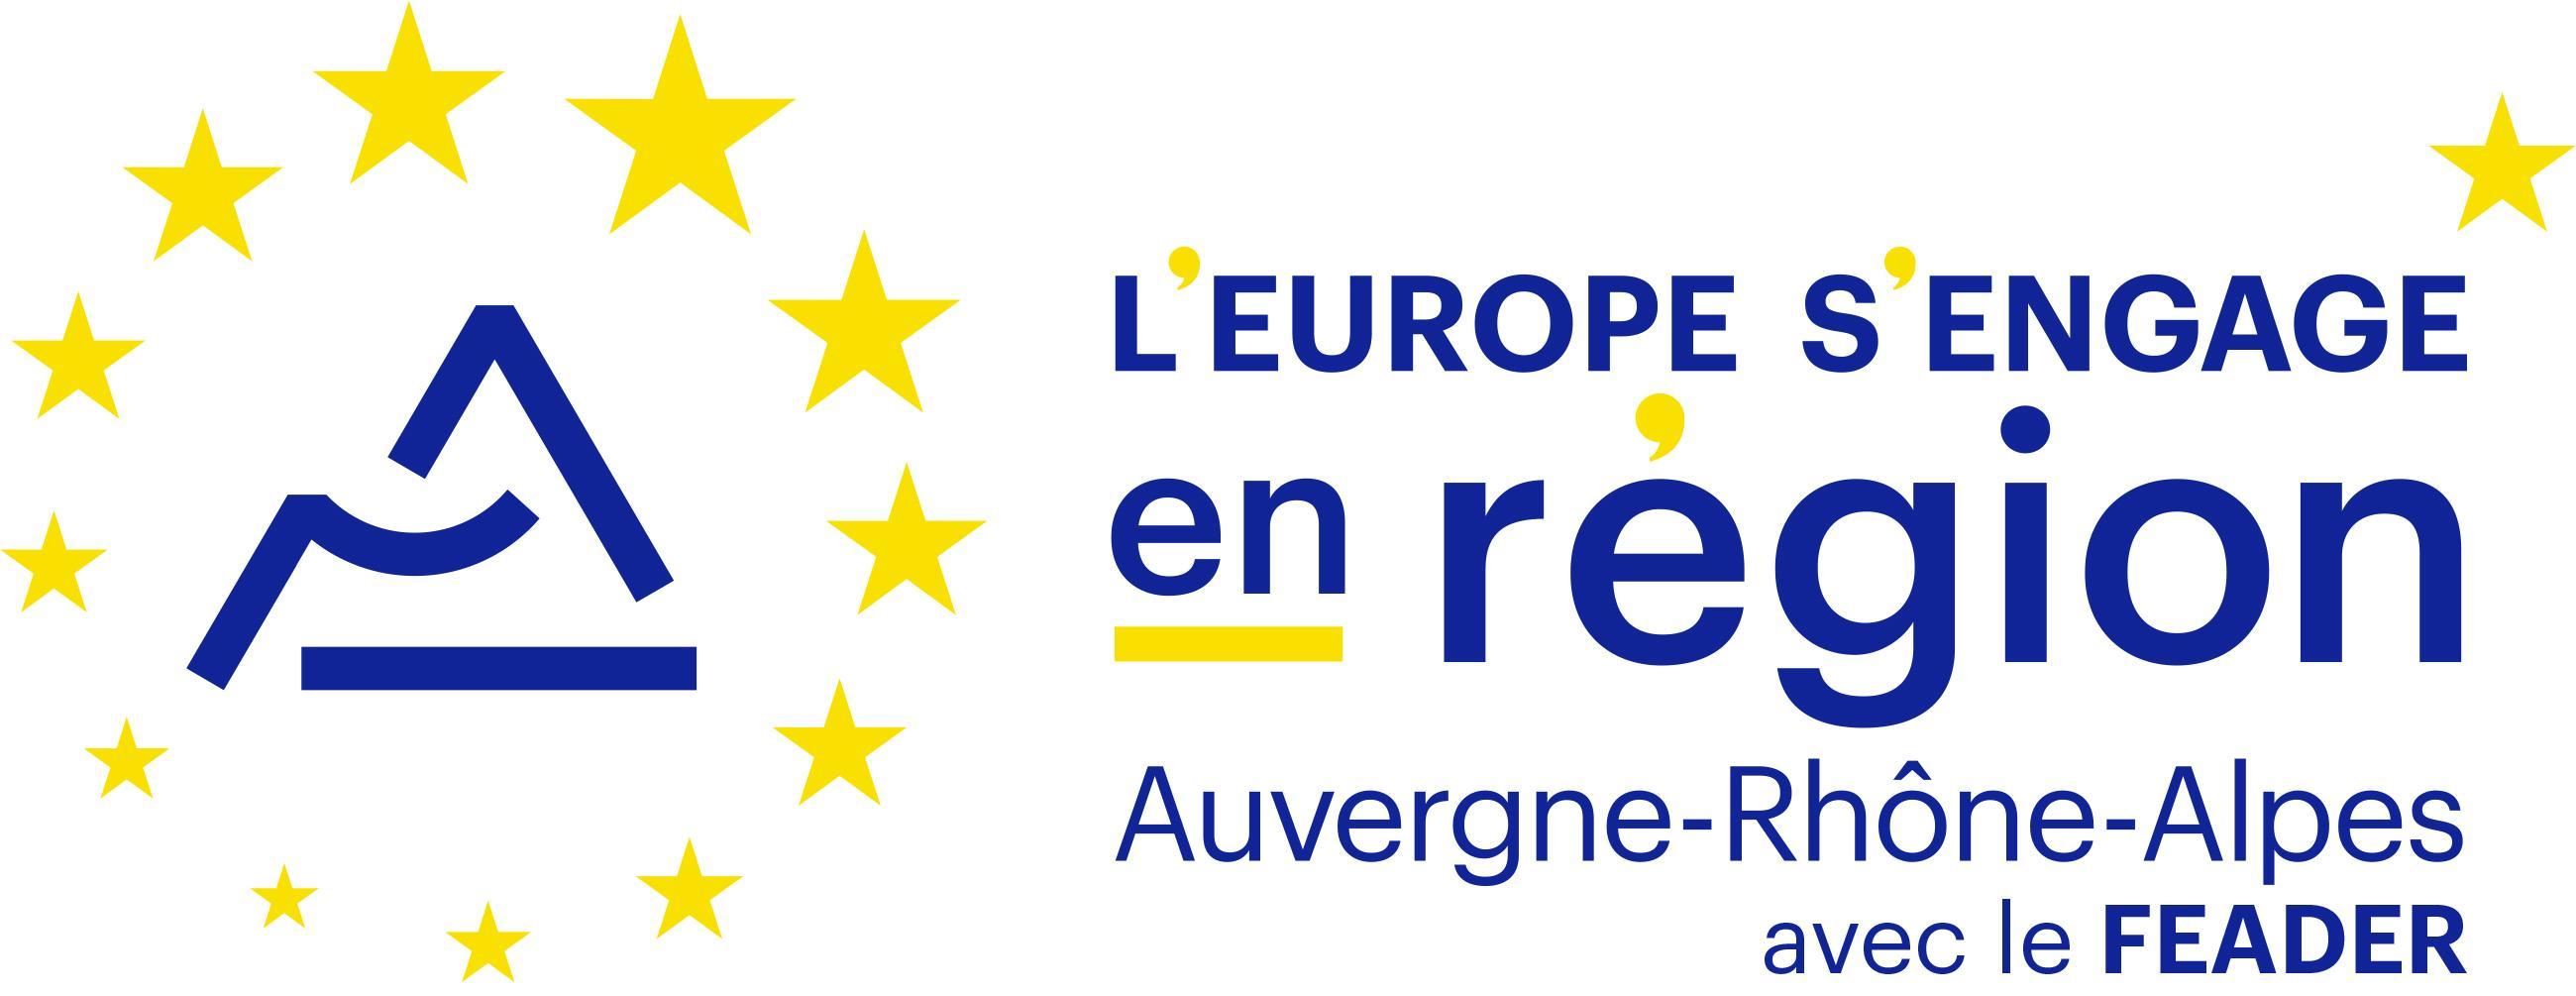 Logo l'Europe s'engage en région Auvergne-Rhône-Alpes avec le FEADER